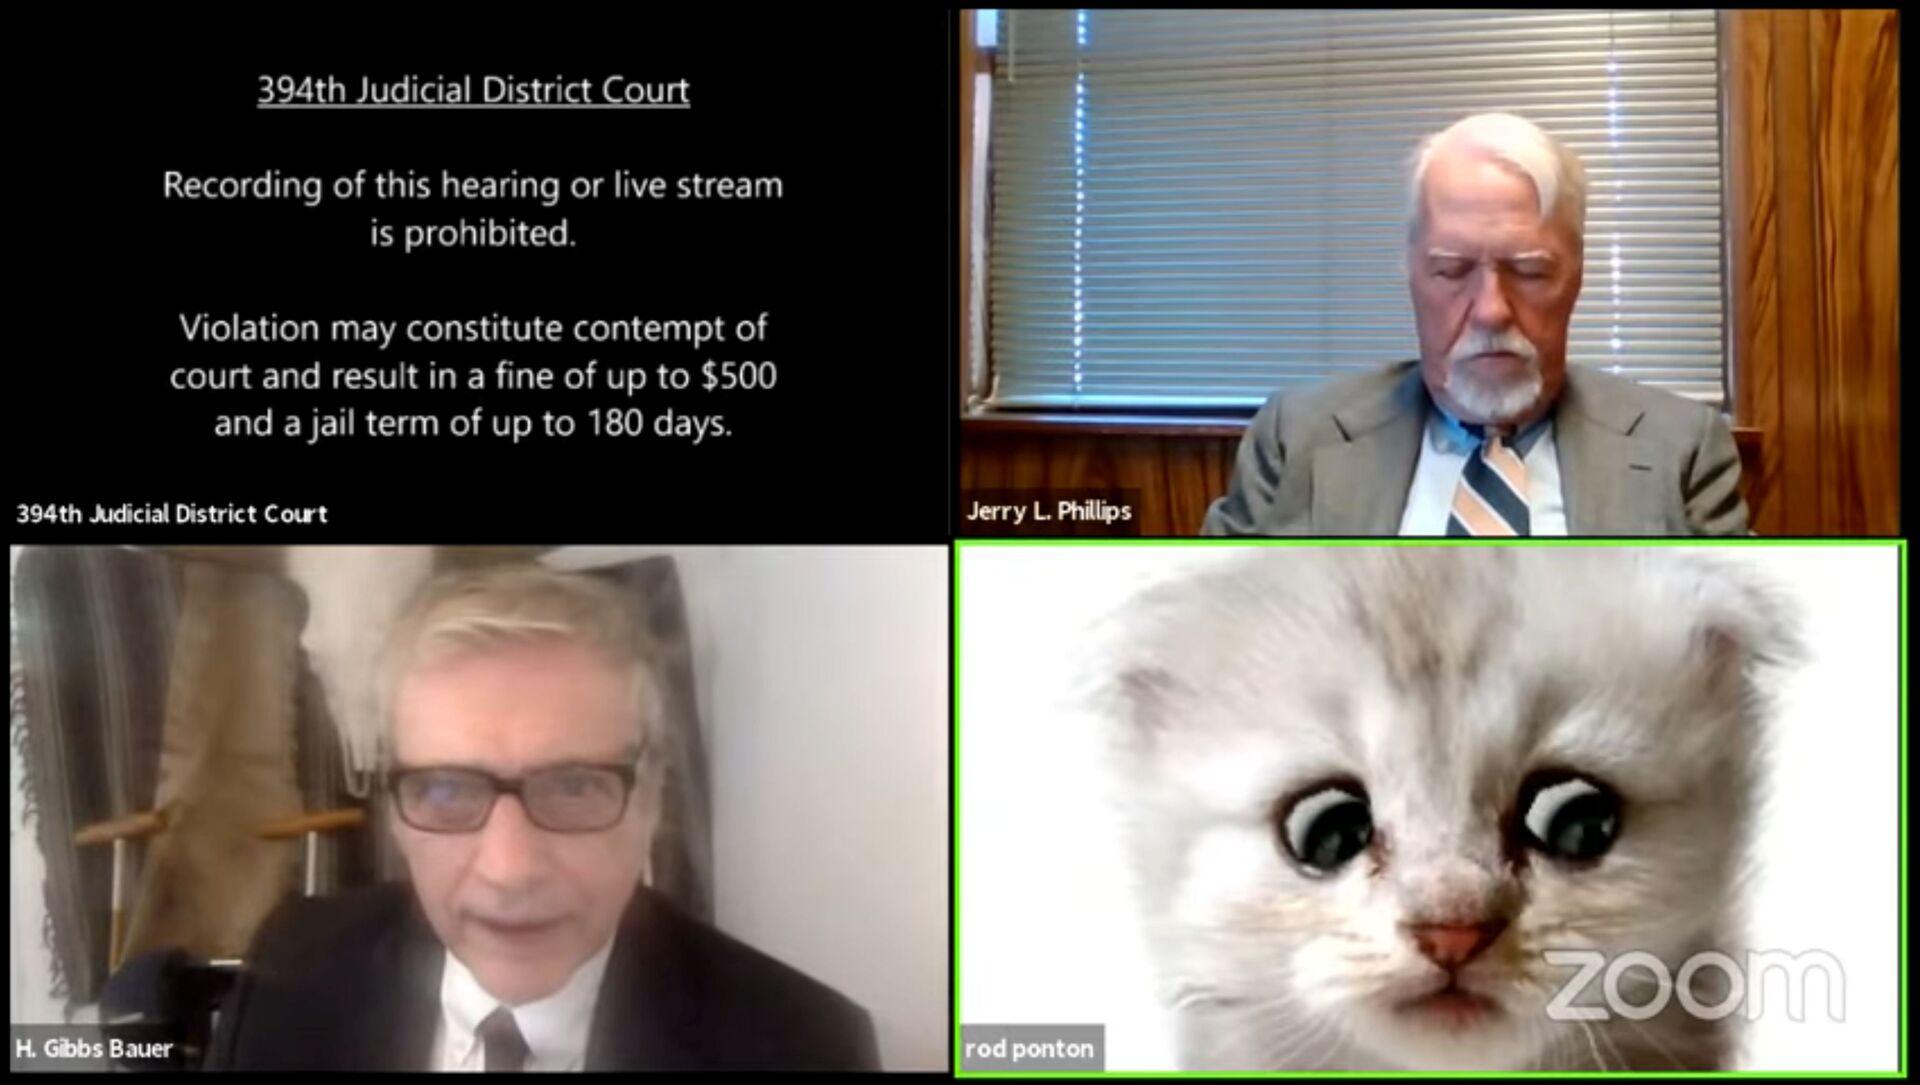 Právník v Texasu se omylem připojil k online soudnímu jednání s kočičím filtrem - Sputnik Česká republika, 1920, 10.02.2021